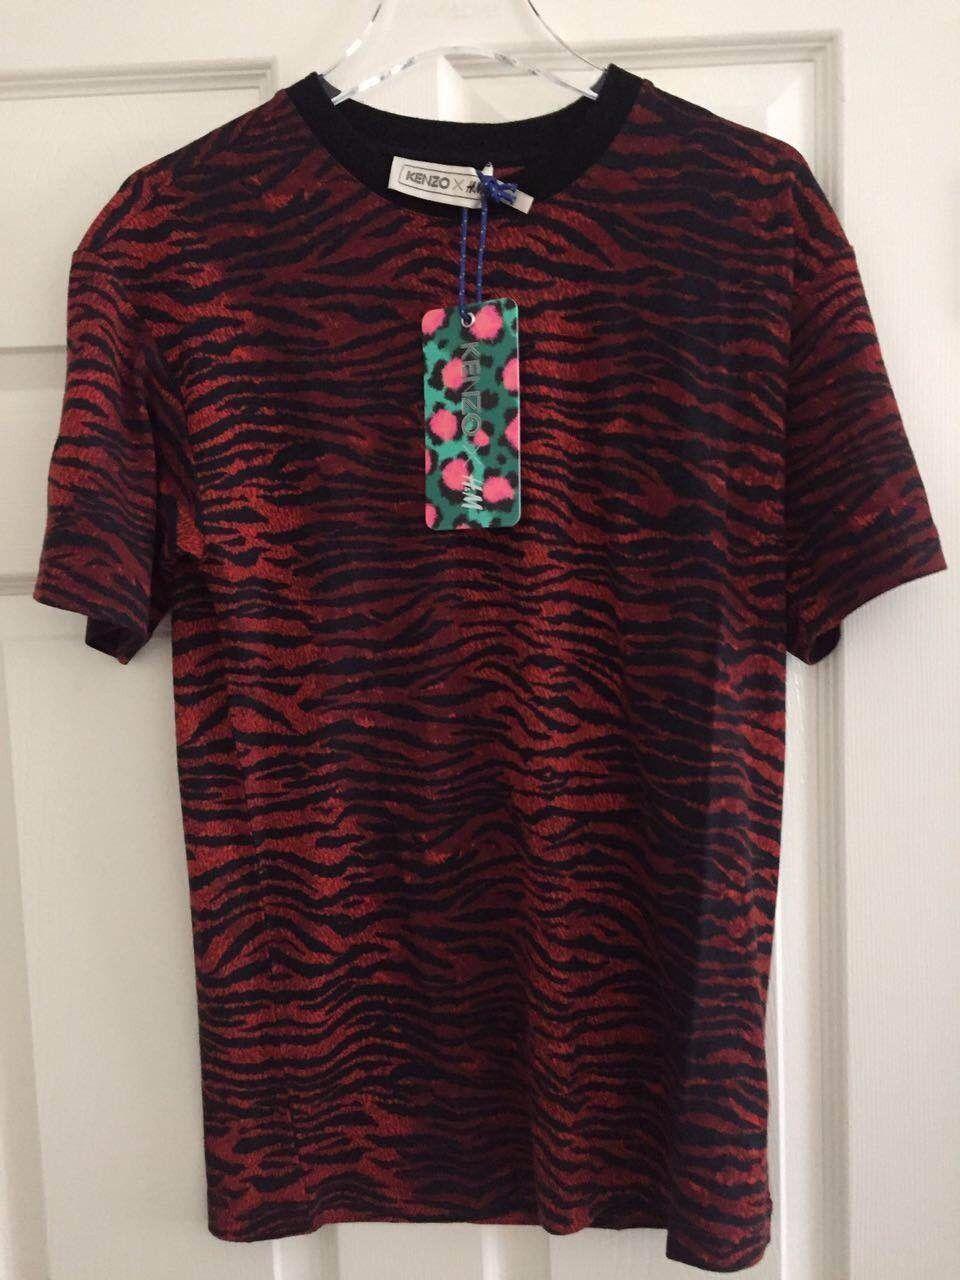 amp;m T Shirt Tiger Dark Small Kenzo Stripe Wool Red Mens H Jersey Nwt X jL54AR